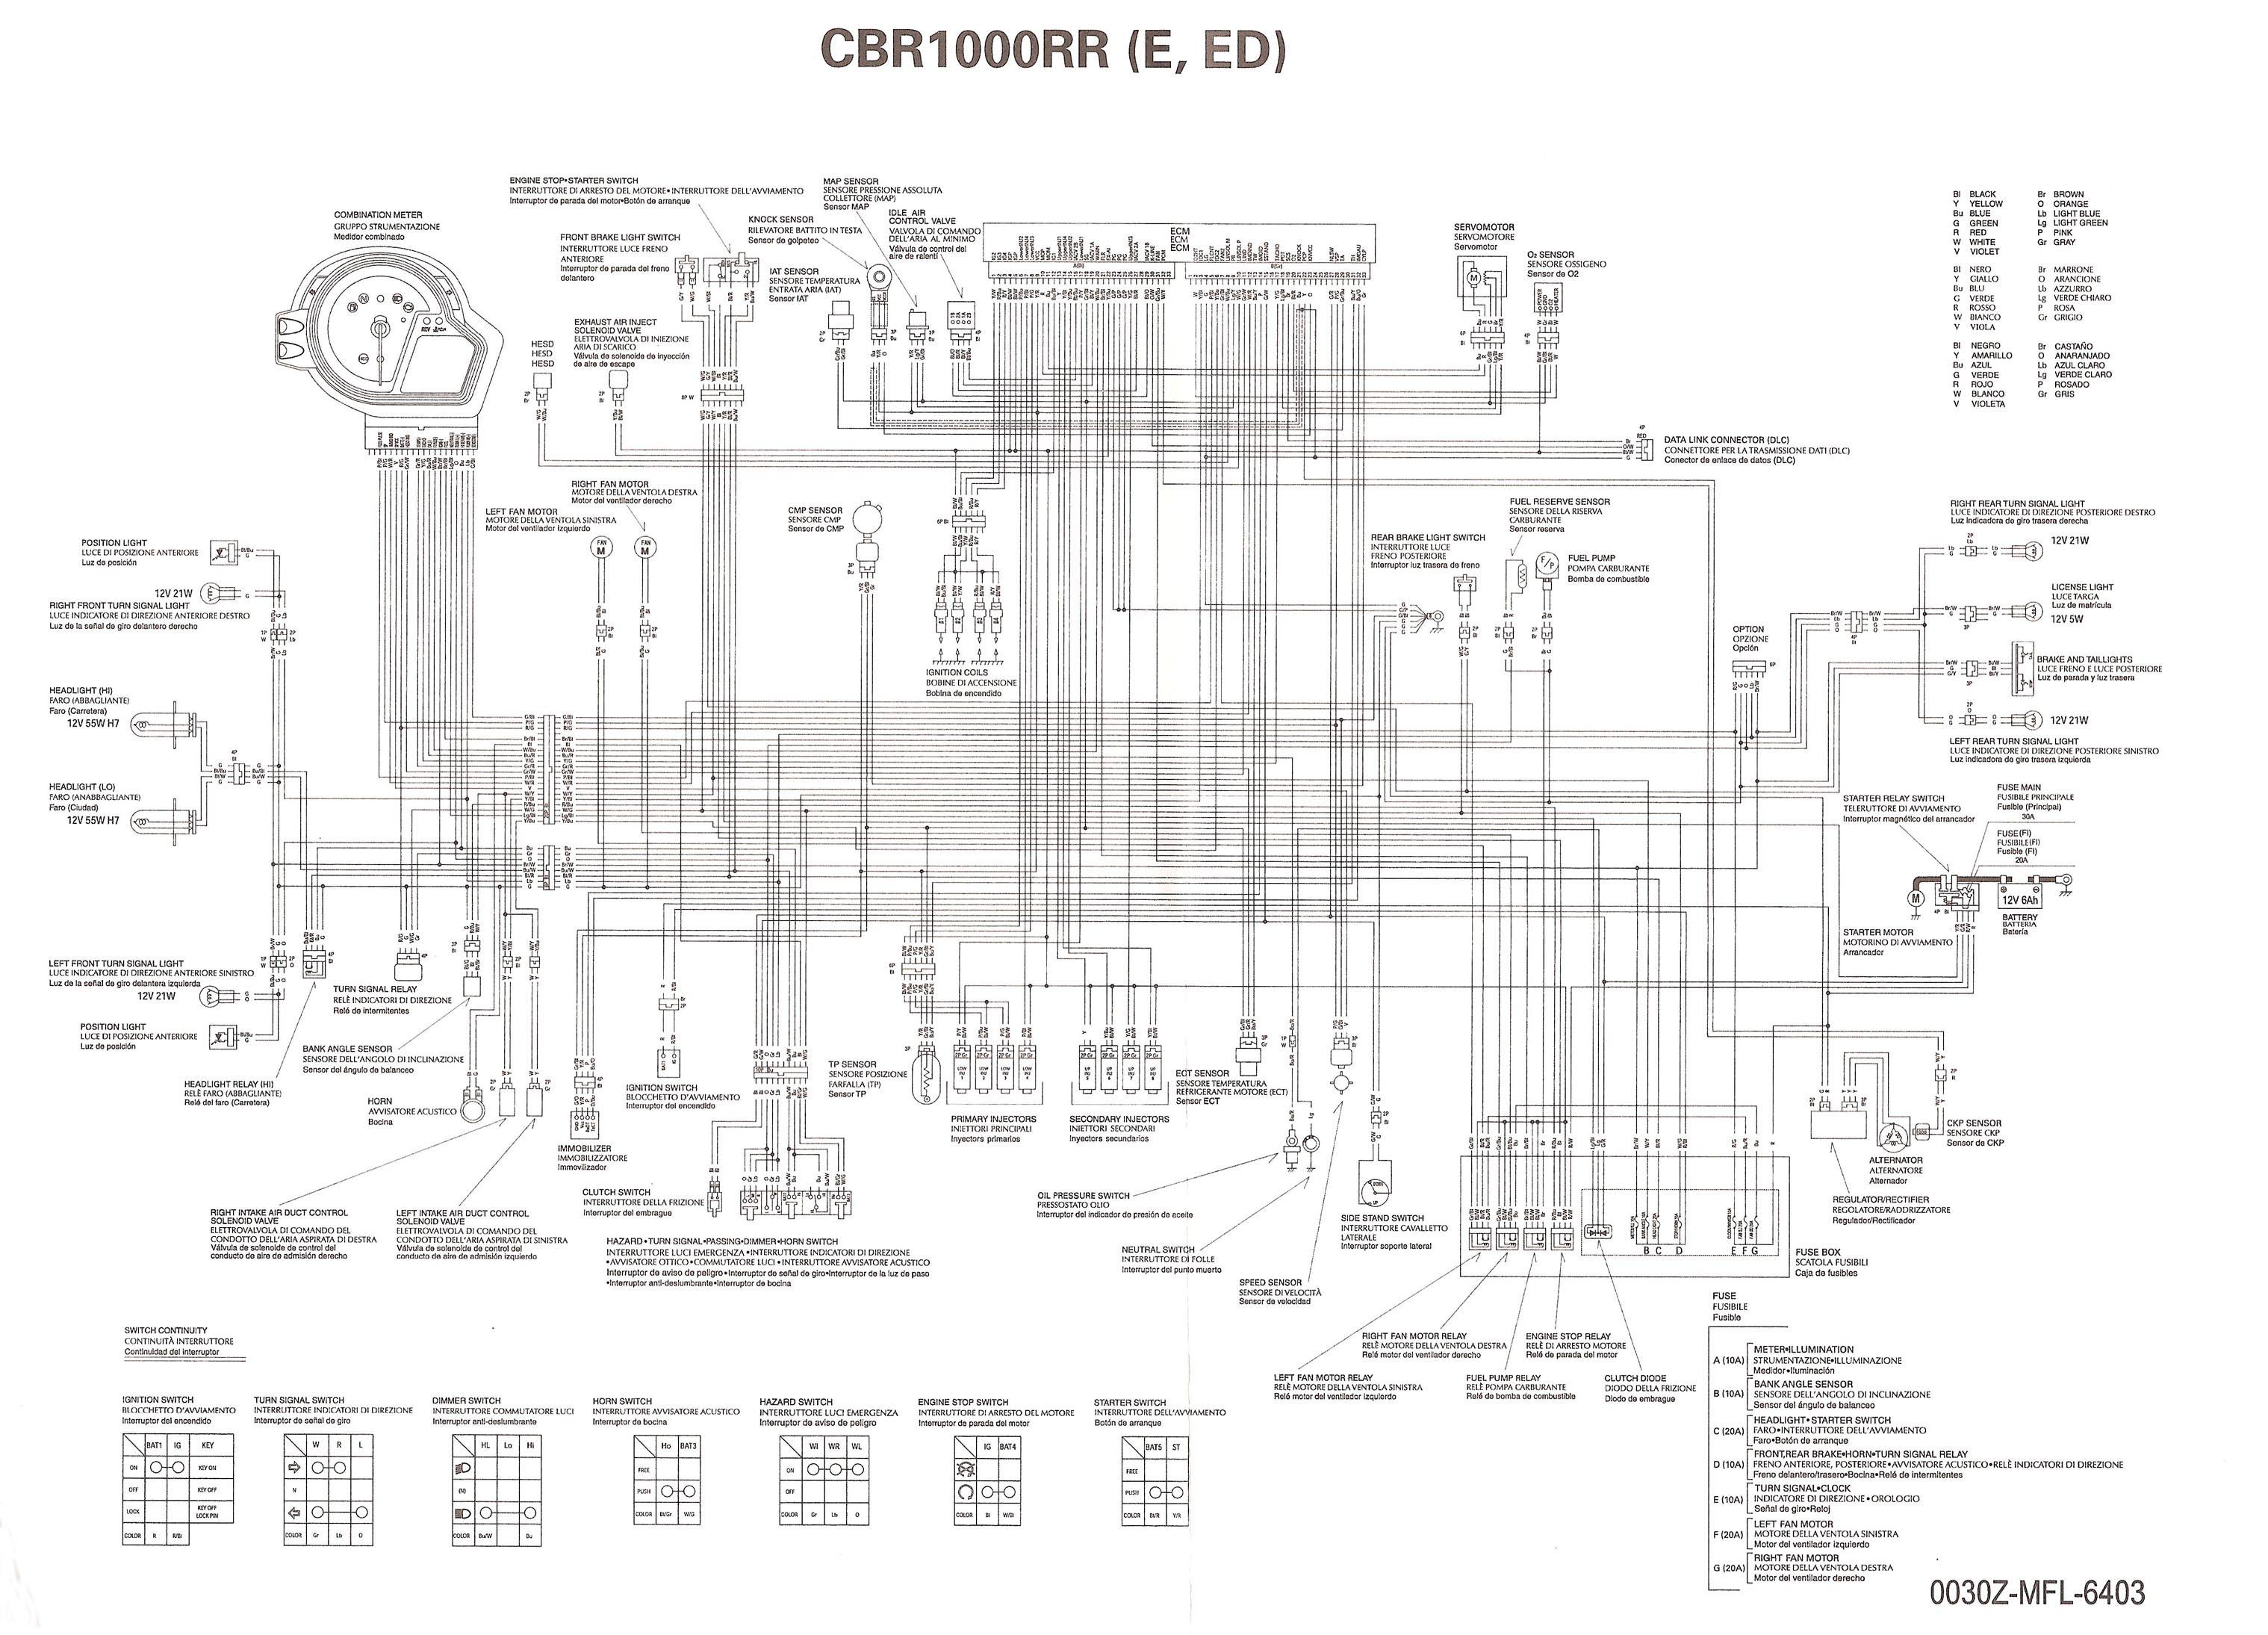 """Honda Shadow 1100 Wiring Diagram Dan S Motorcycle """"various Wiring Systems and Diagrams"""" Of Honda Shadow 1100 Wiring Diagram"""